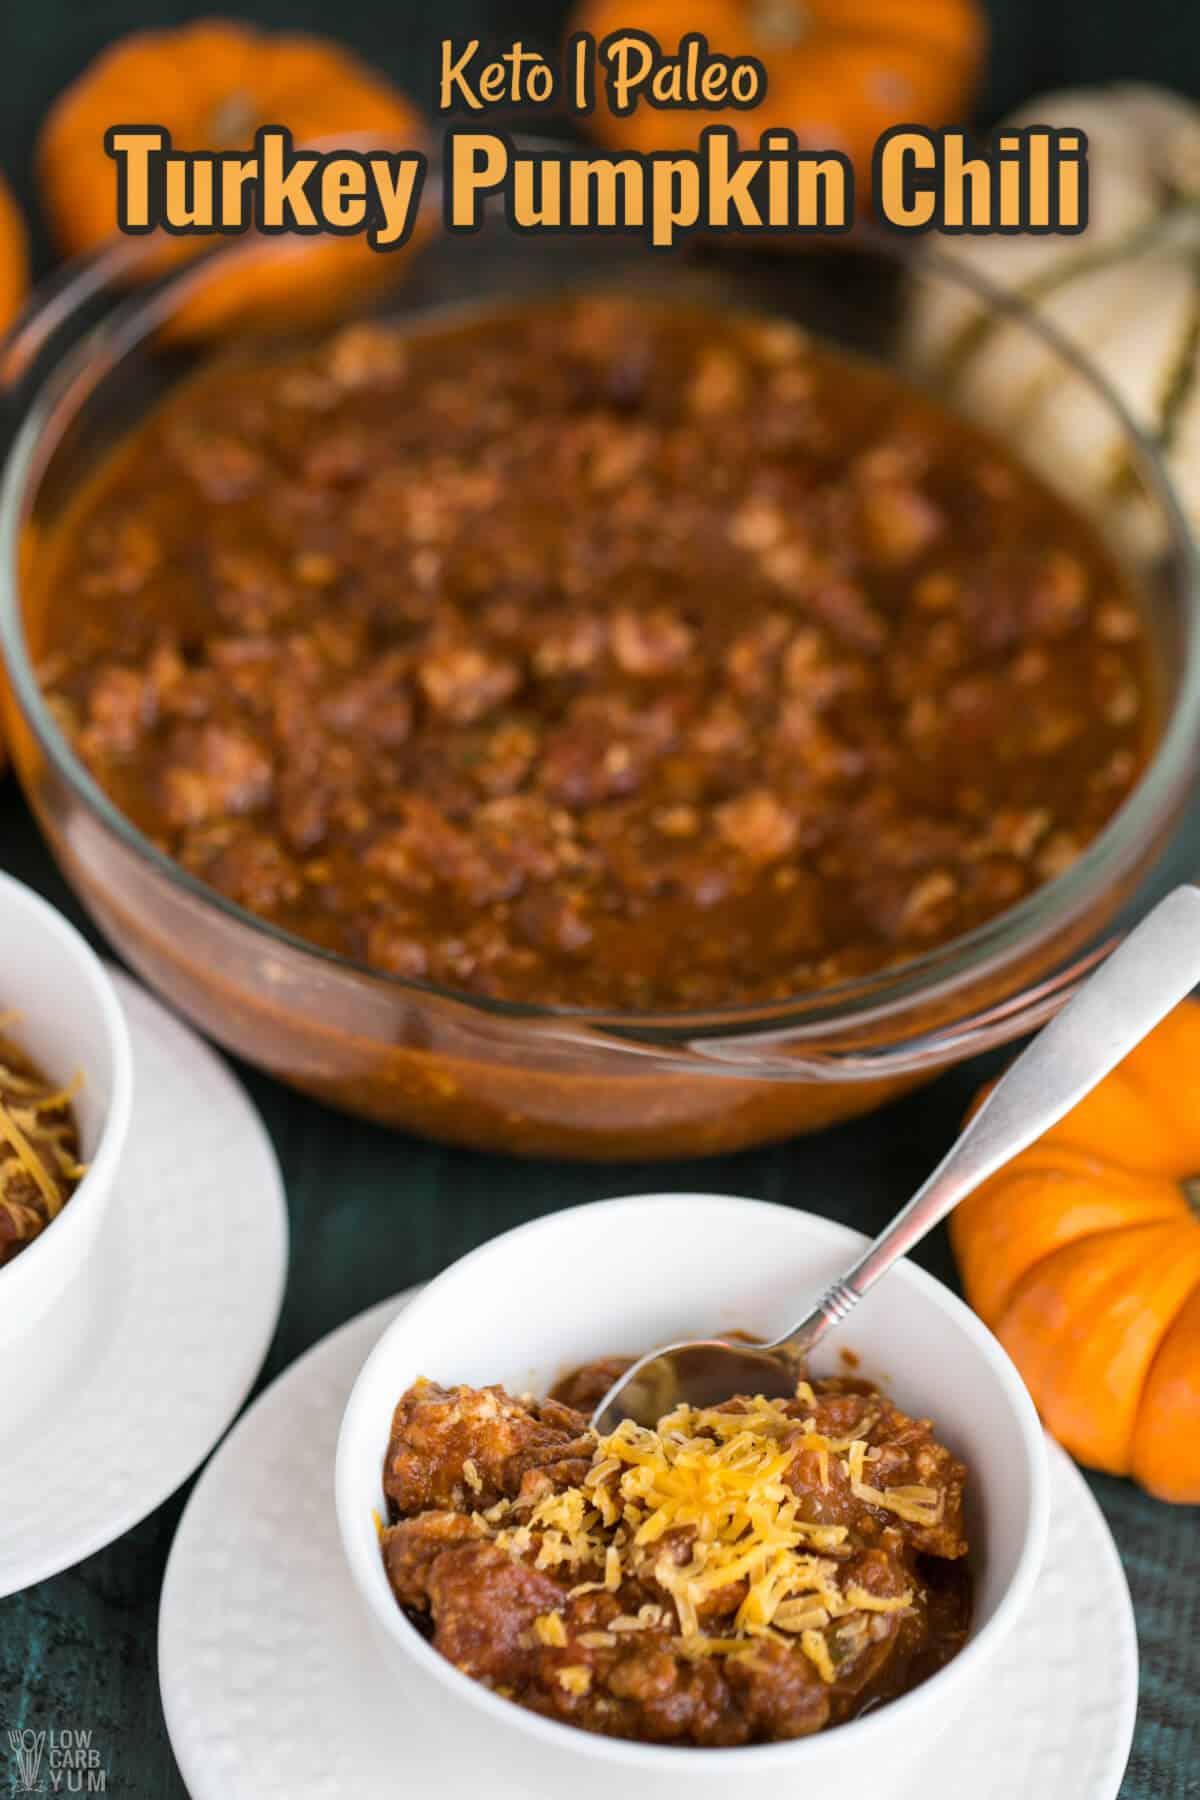 turkey pumpkin chili cover image